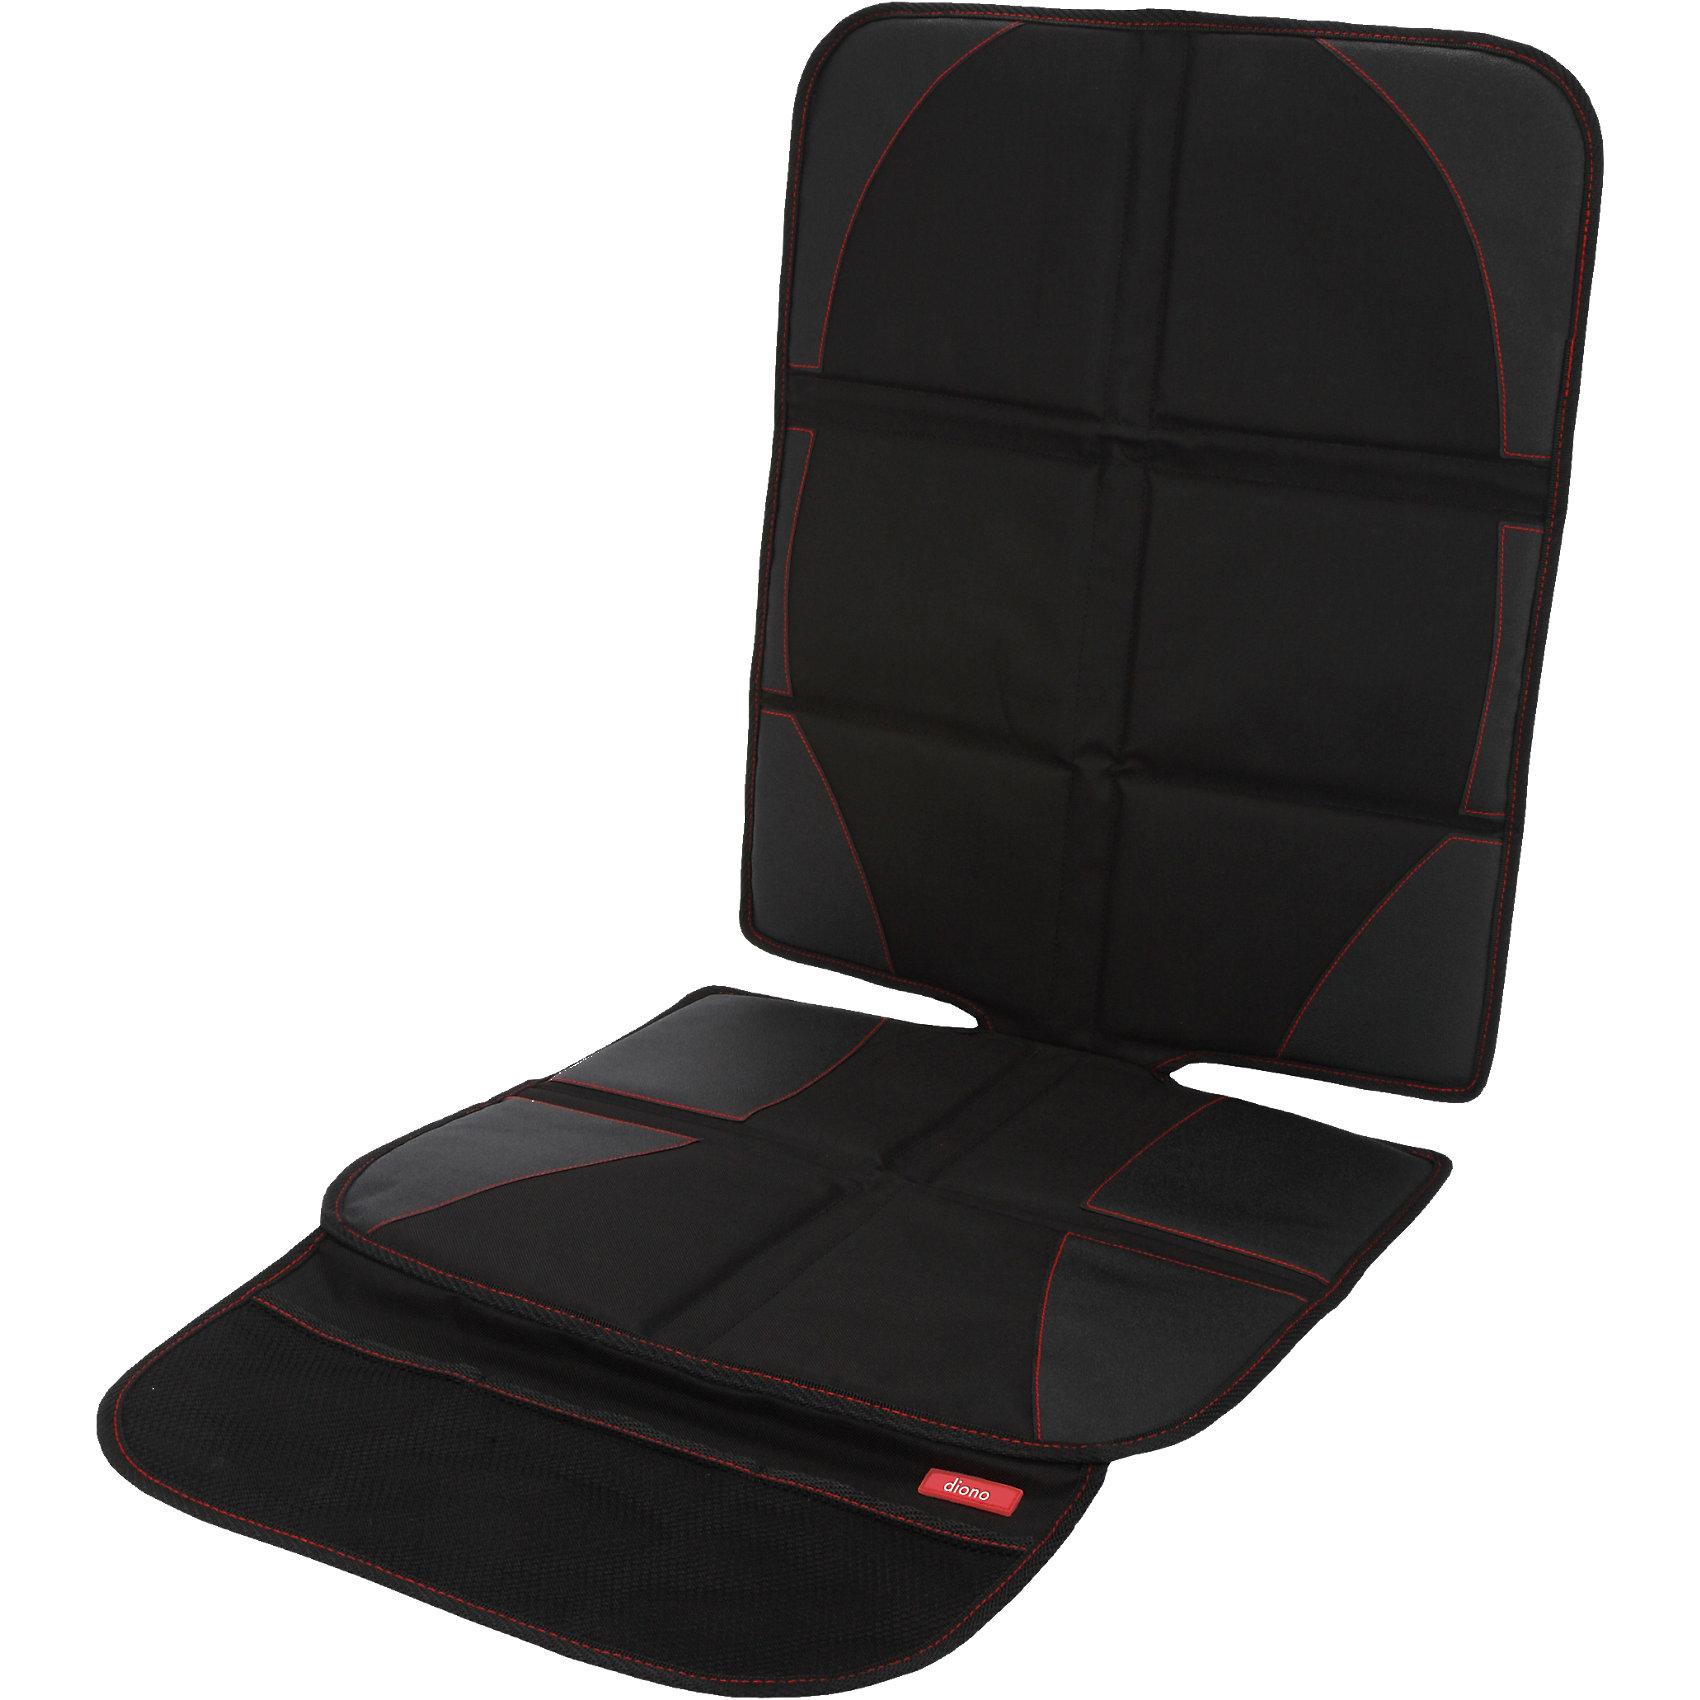 Чехол для автомобильного сидения  из 2-х частей Ultra Mat , Diono, BlackАксессуары для автокресел<br>Чехол для автомобильного сидения  из 2-х частей Ultra Mat , Diono, Black создан для защиты сидения от возможных загрязнений. Он водонепроницаем, что не позволит намокнуть сидению, если ребёнок что-то прольет. В нижней части имеет 3 кармана для хранения предметов. Его легко зафиксировать к подголовнику. Можно закрепить на чехол автокресло, что обеспечит более надёжную фиксацию.  Чехол складывается для удобного хранения.<br><br>Дополнительная информация:<br>-Марка: Diono<br><br>Чехол для автомобильного сидения  из 2-х частей Ultra Mat , Diono, Black можно приобрести в нашем интернет-магазине.<br><br>Ширина мм: 259<br>Глубина мм: 278<br>Высота мм: 142<br>Вес г: 901<br>Цвет: черный<br>Возраст от месяцев: 0<br>Возраст до месяцев: 144<br>Пол: Унисекс<br>Возраст: Детский<br>SKU: 5089864